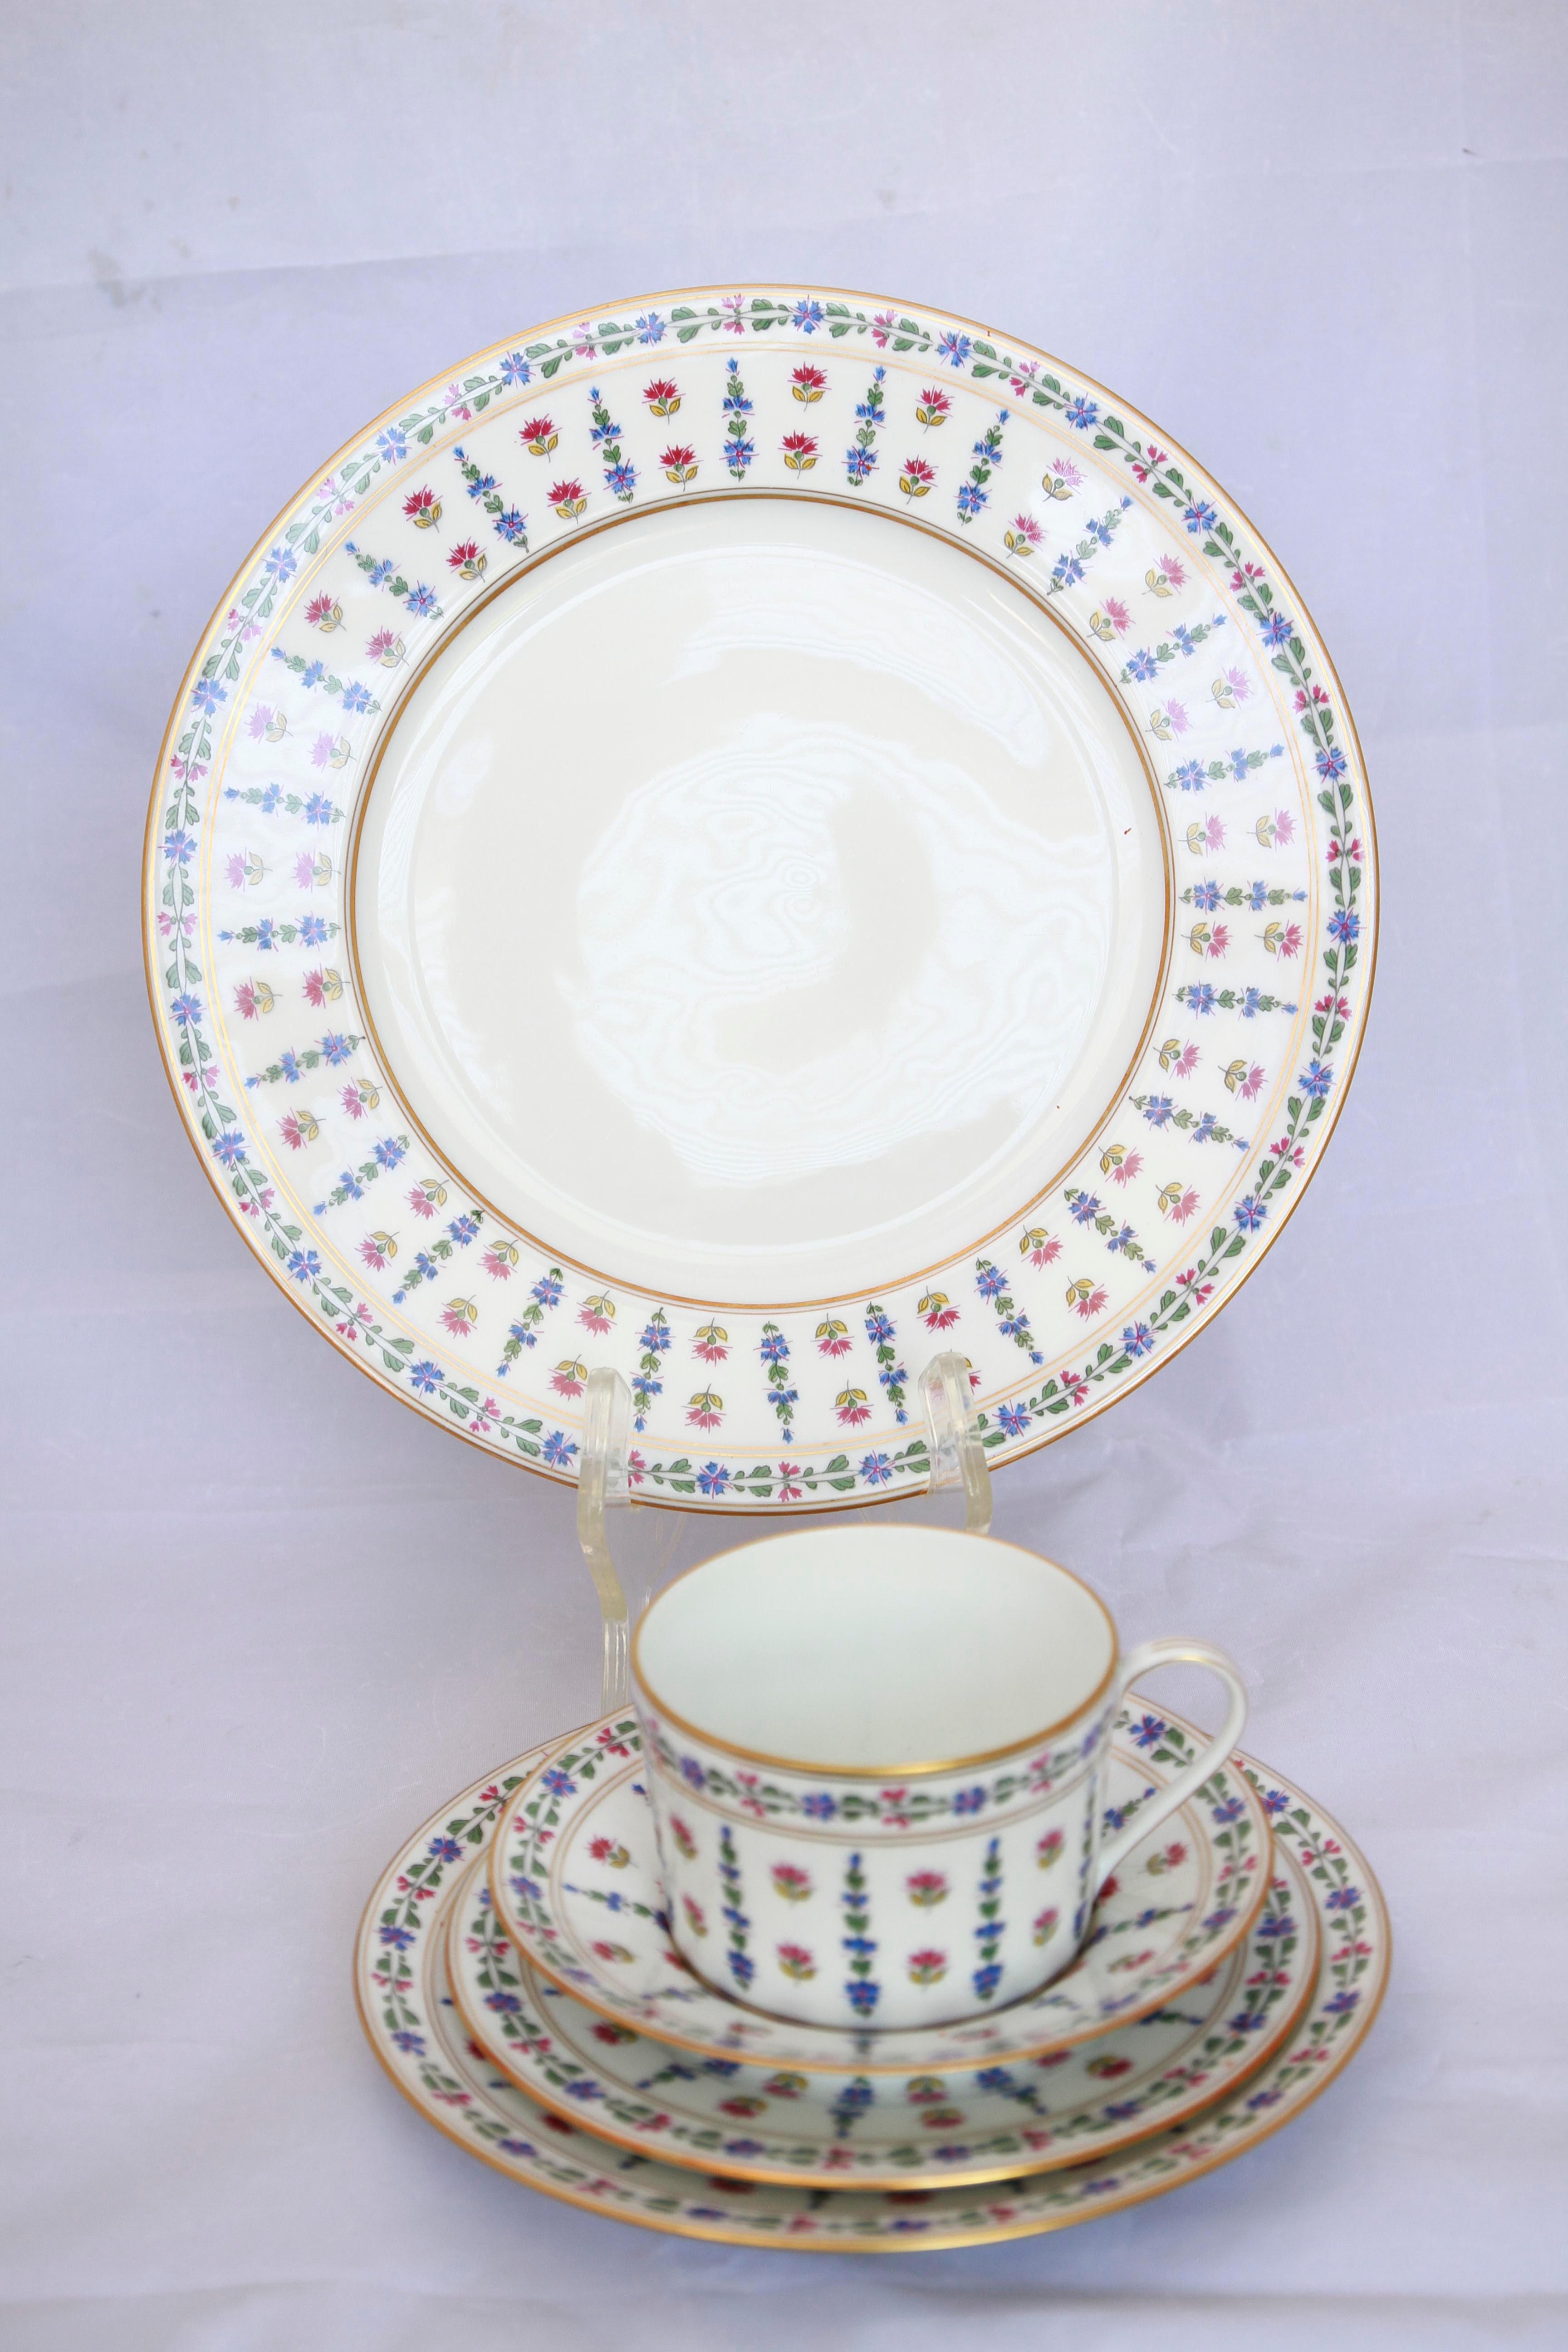 Full Set Service for 8 Royale Limoges France Vintage Floral Porcelain Dinnerware - 40 Pcs.  sc 1 st  Chairish & Full Set Service for 8 Royale Limoges France Vintage Floral ...